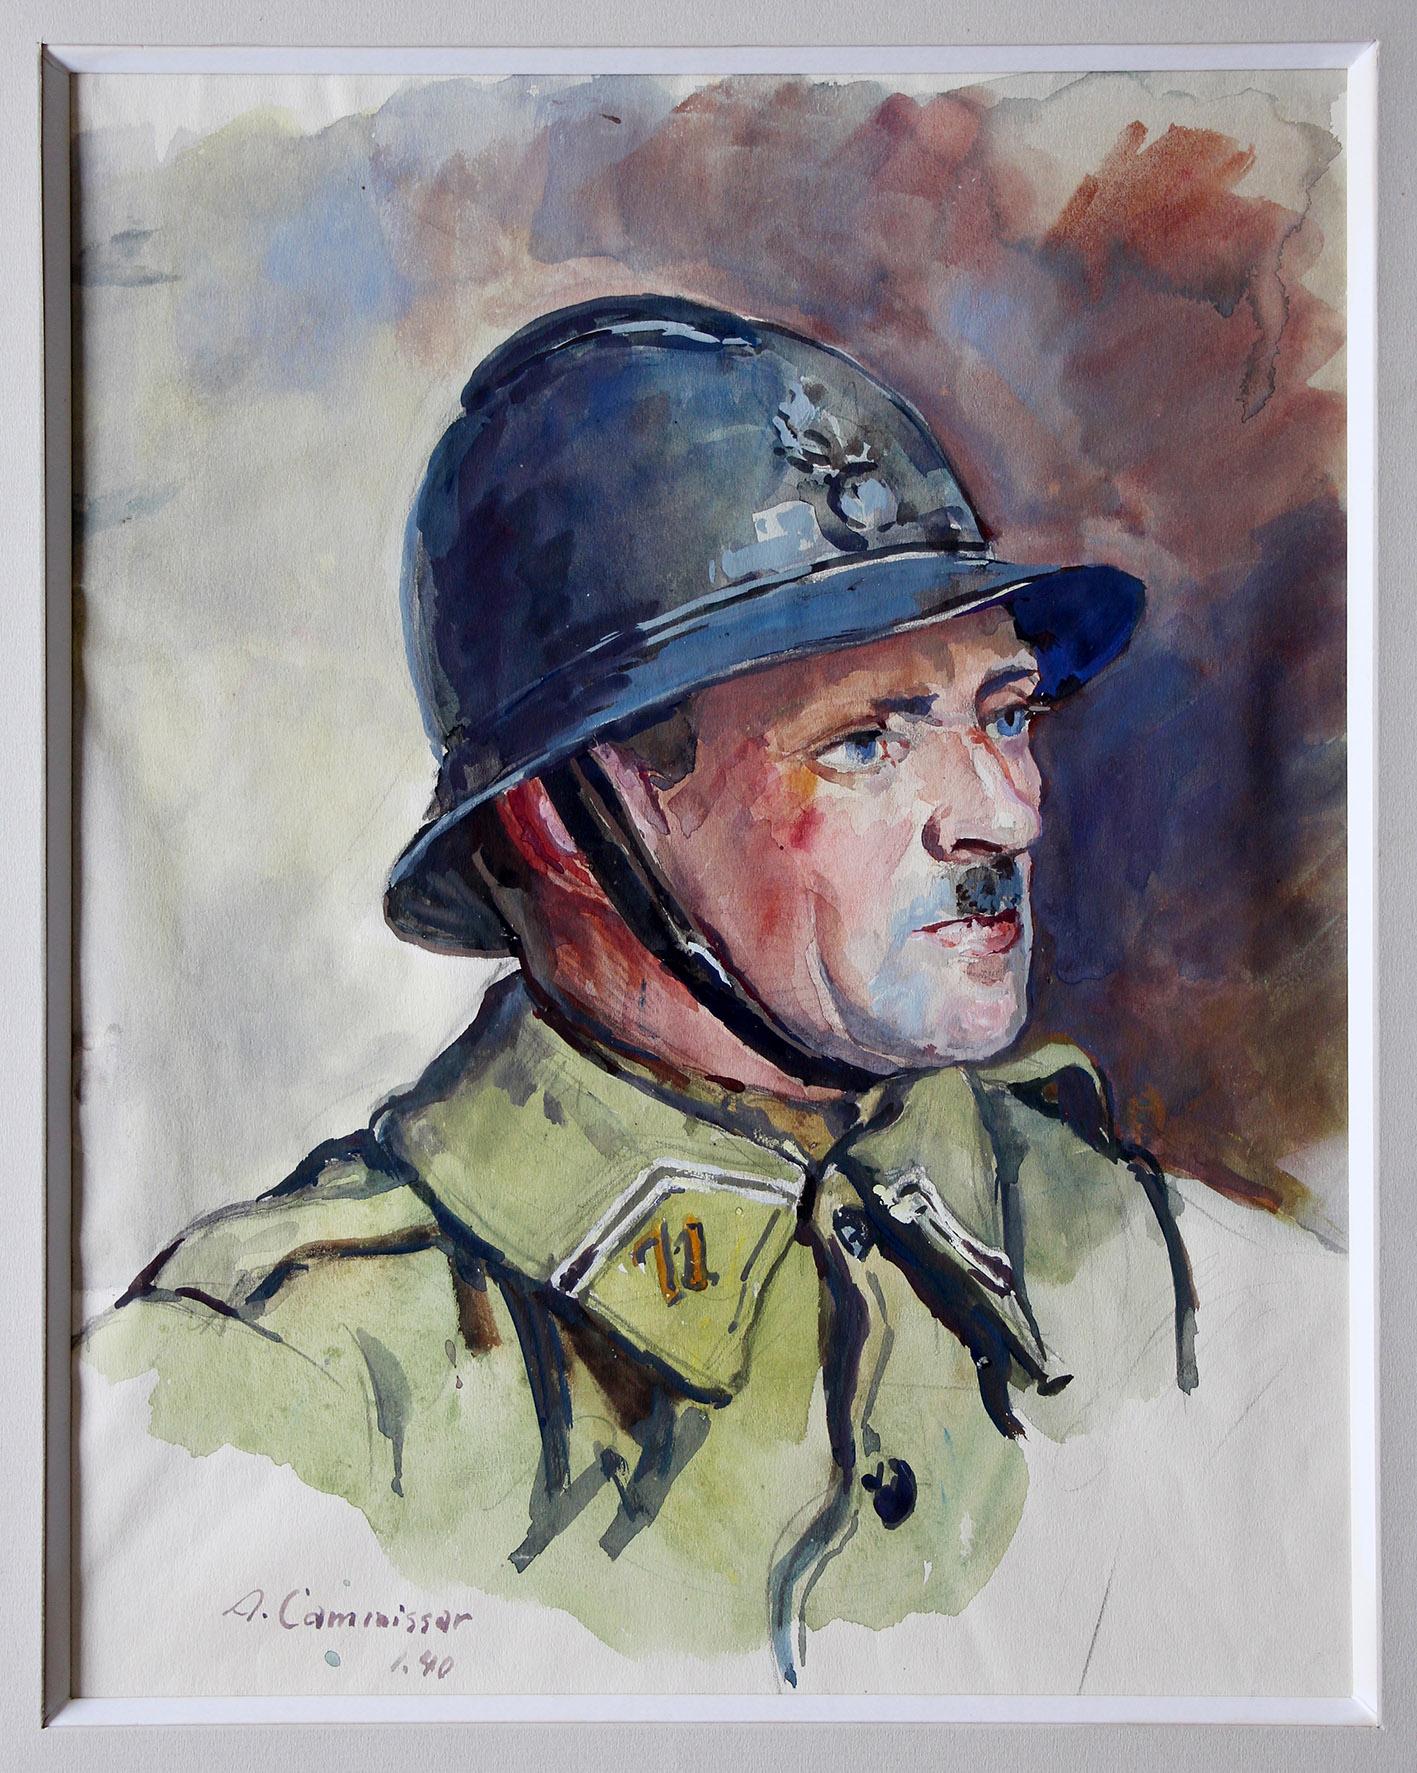 Grand Gouache Aquarelle - Auguste Cammissar - Drôle de Guerre - Soldat 1940 - Uniforme